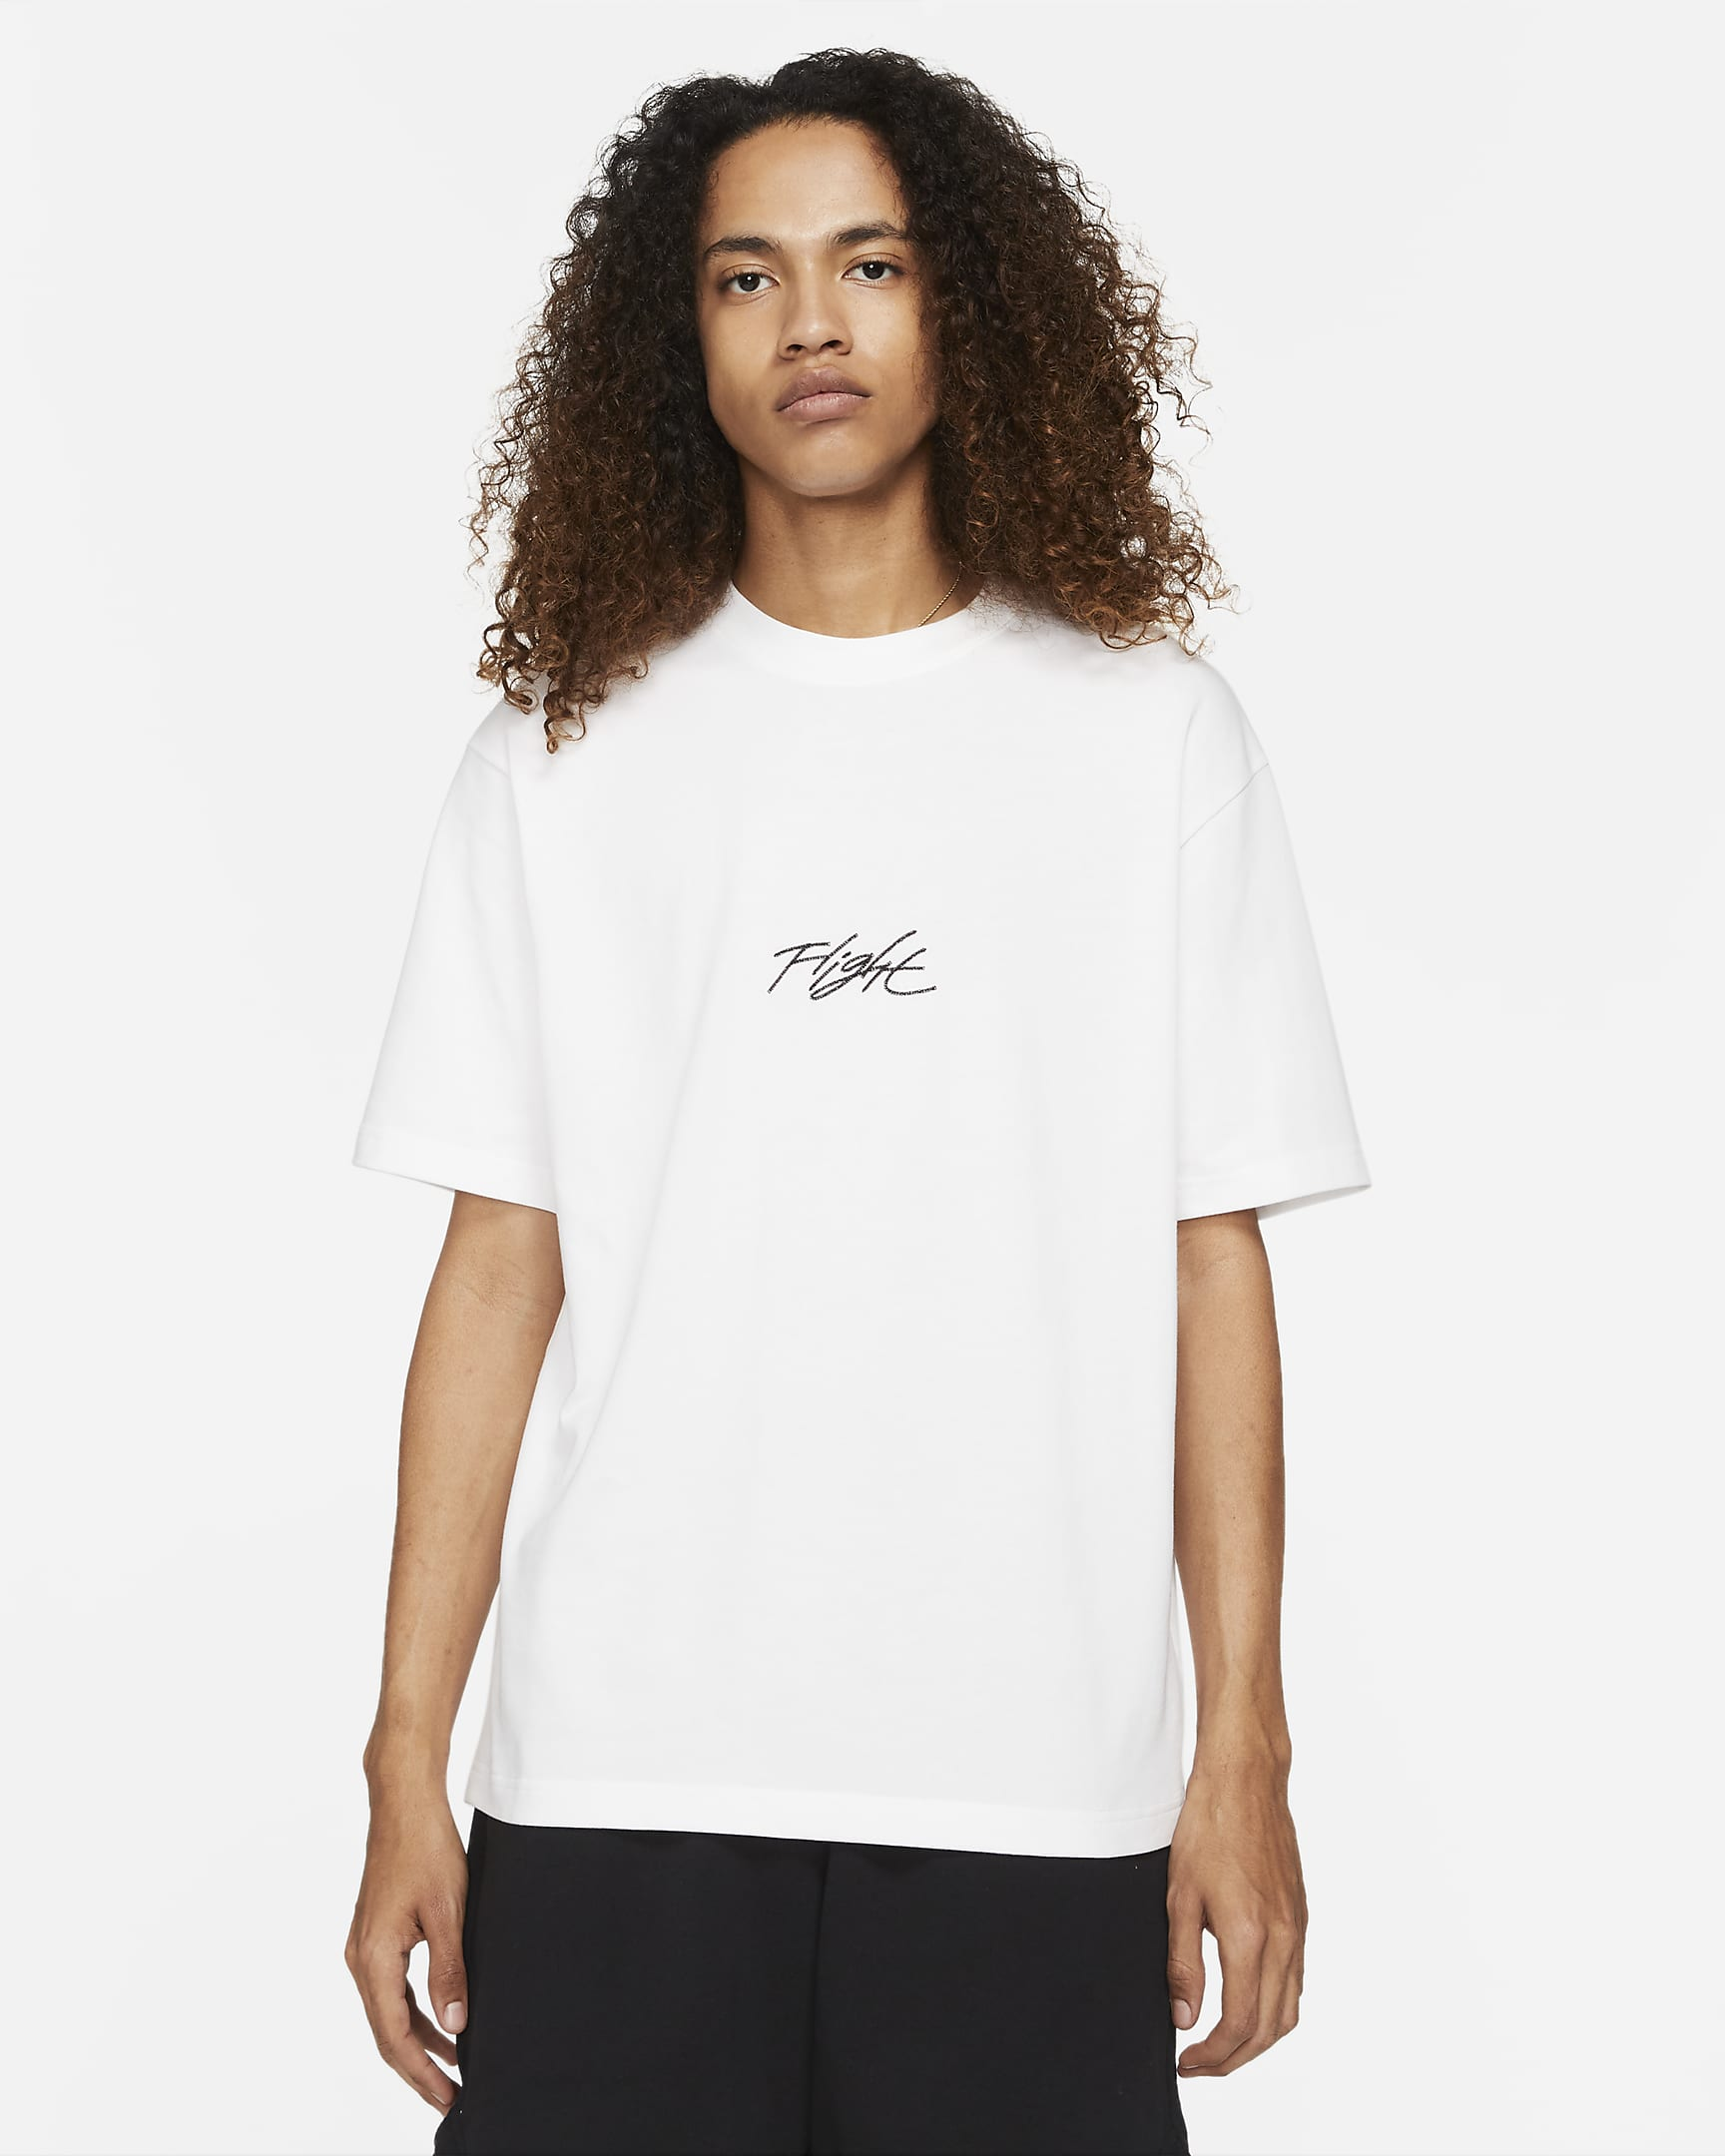 jordan-flight-essentials-mens-short-sleeve-t-shirt-J0tWDs-3.png